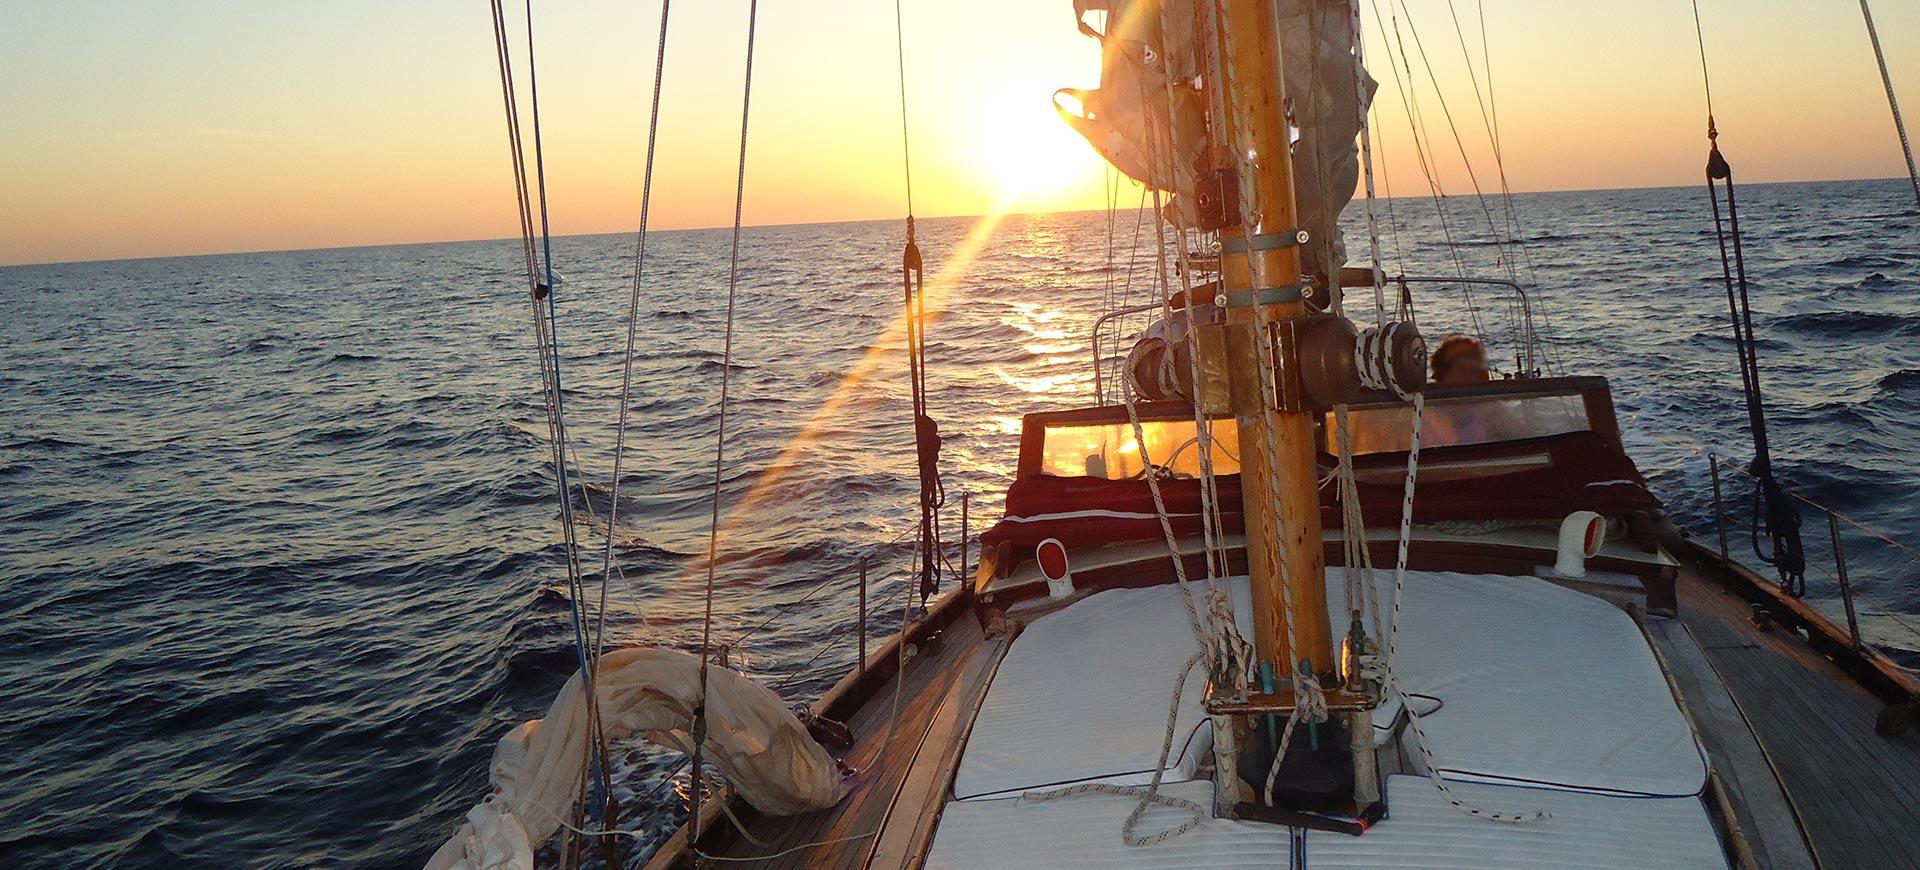 Boat excursions in Salento